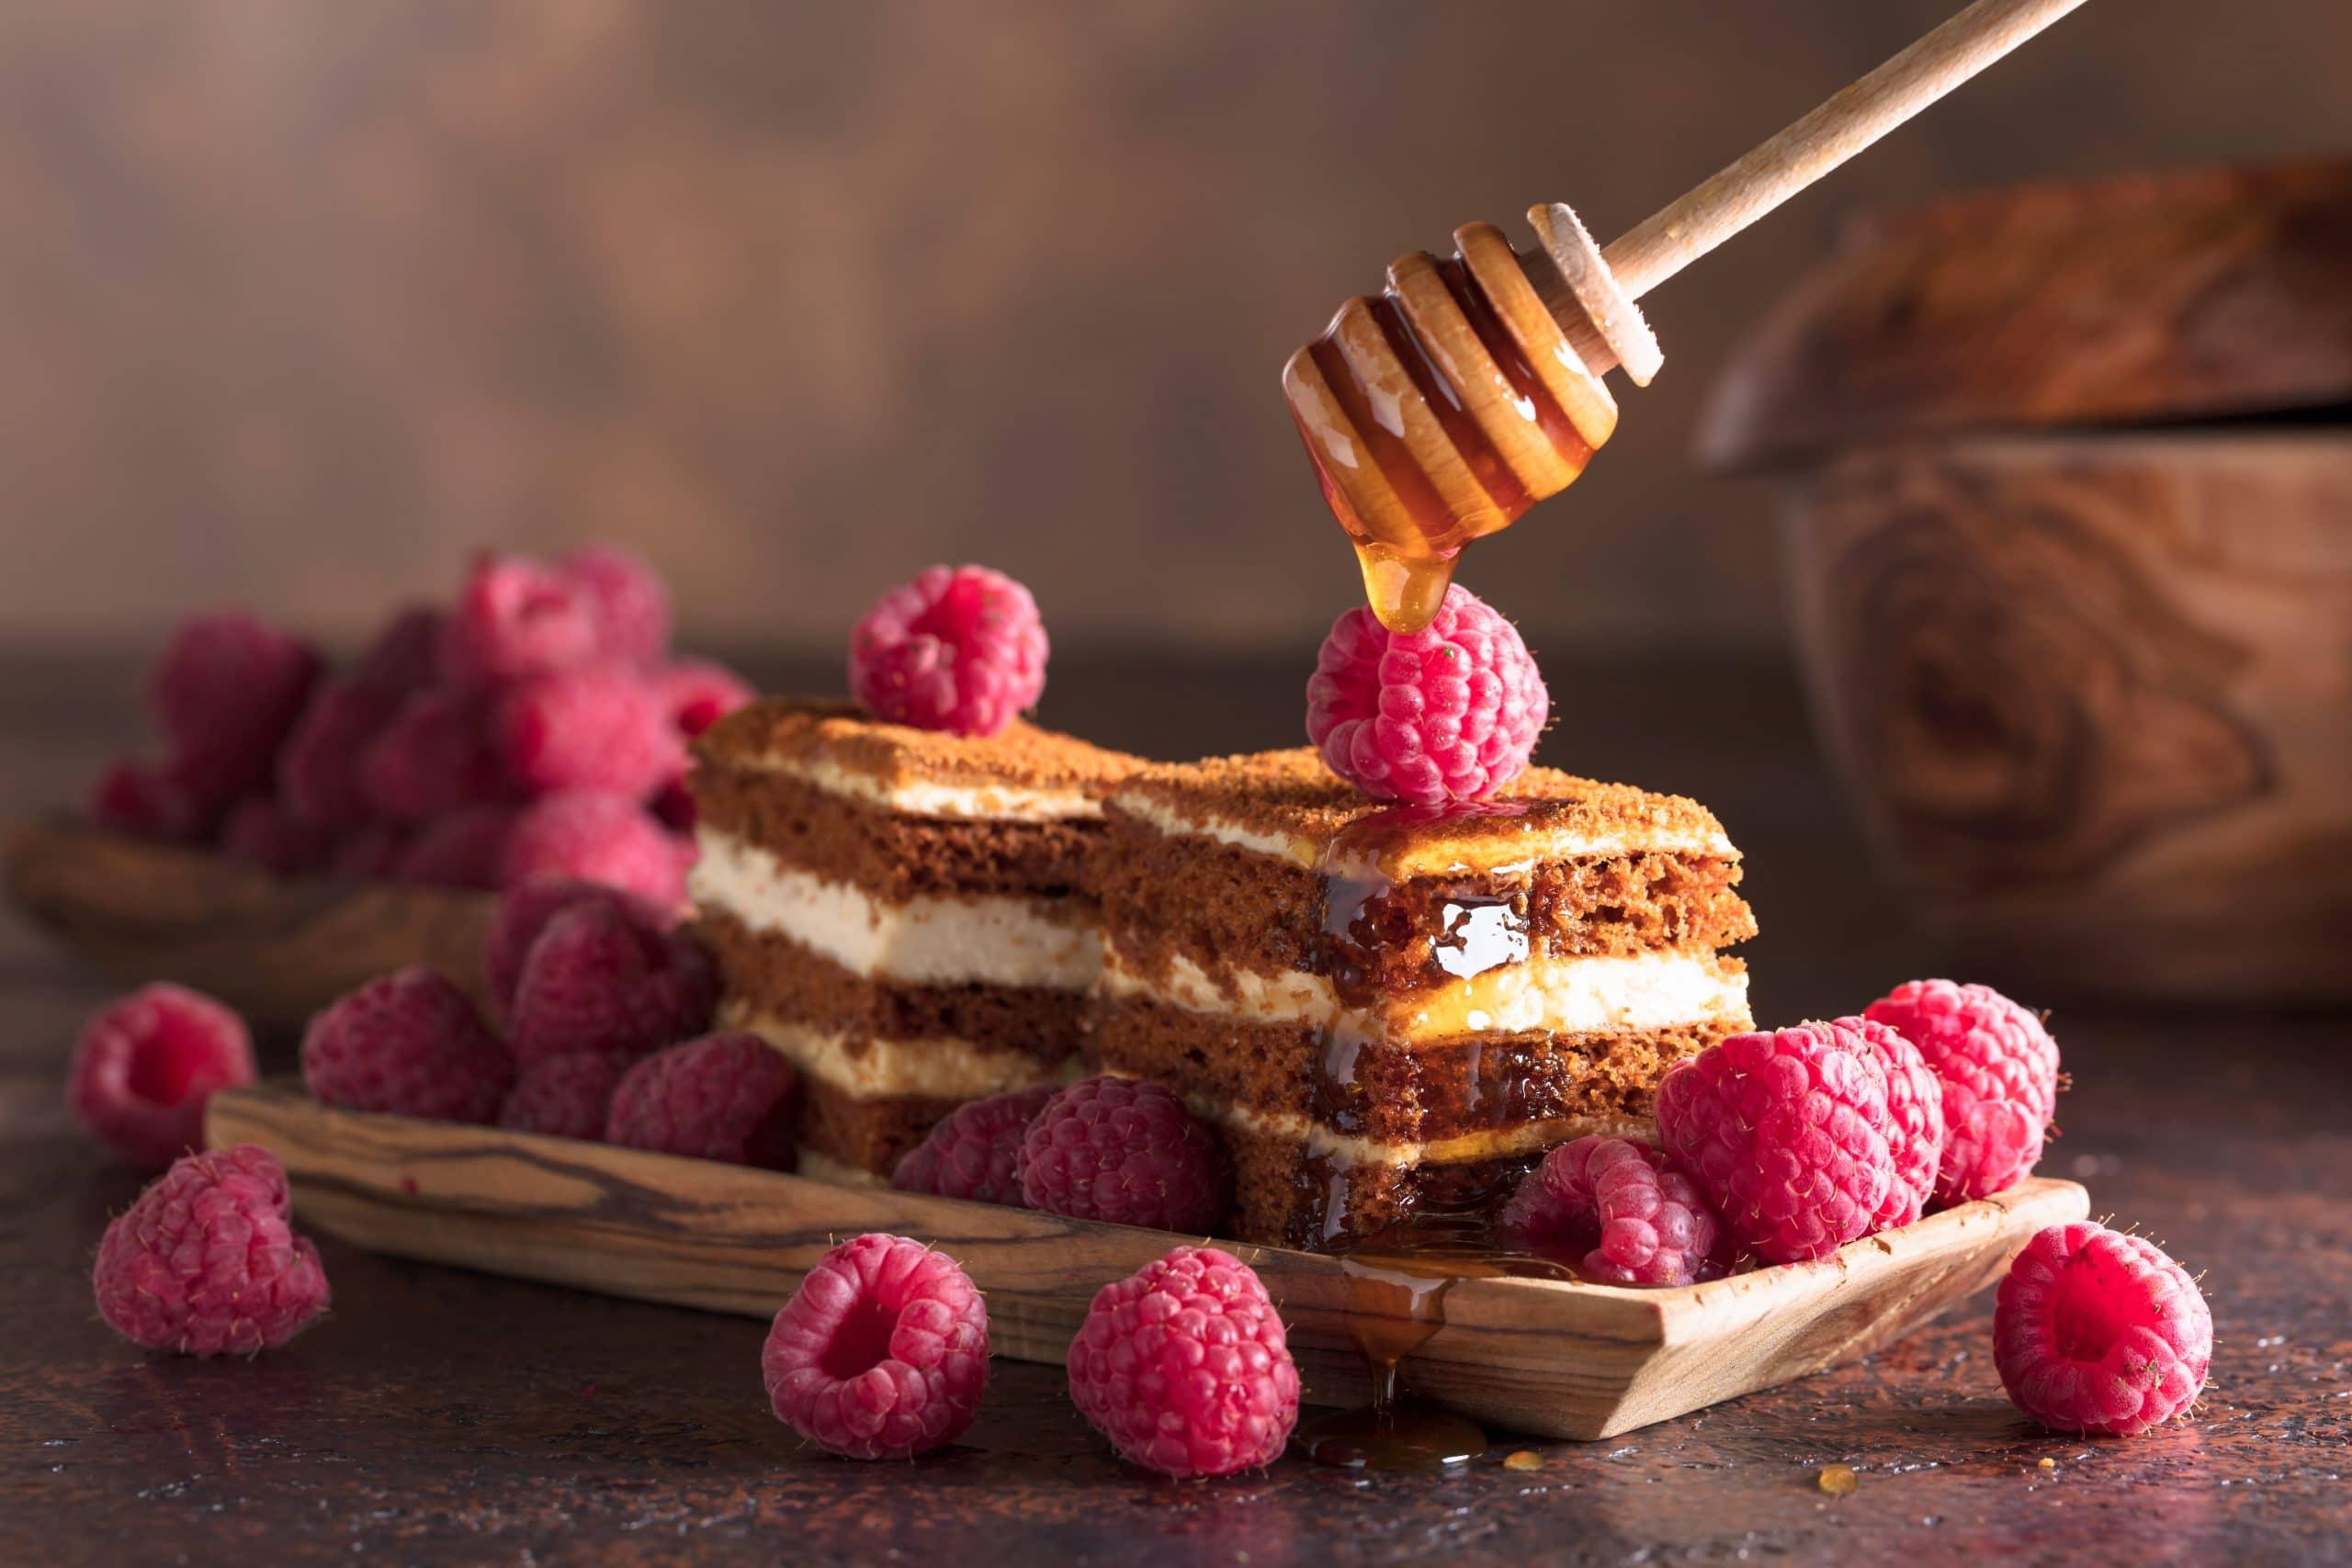 Honey Desserts Blog Image. Image du blog desserts au miel.